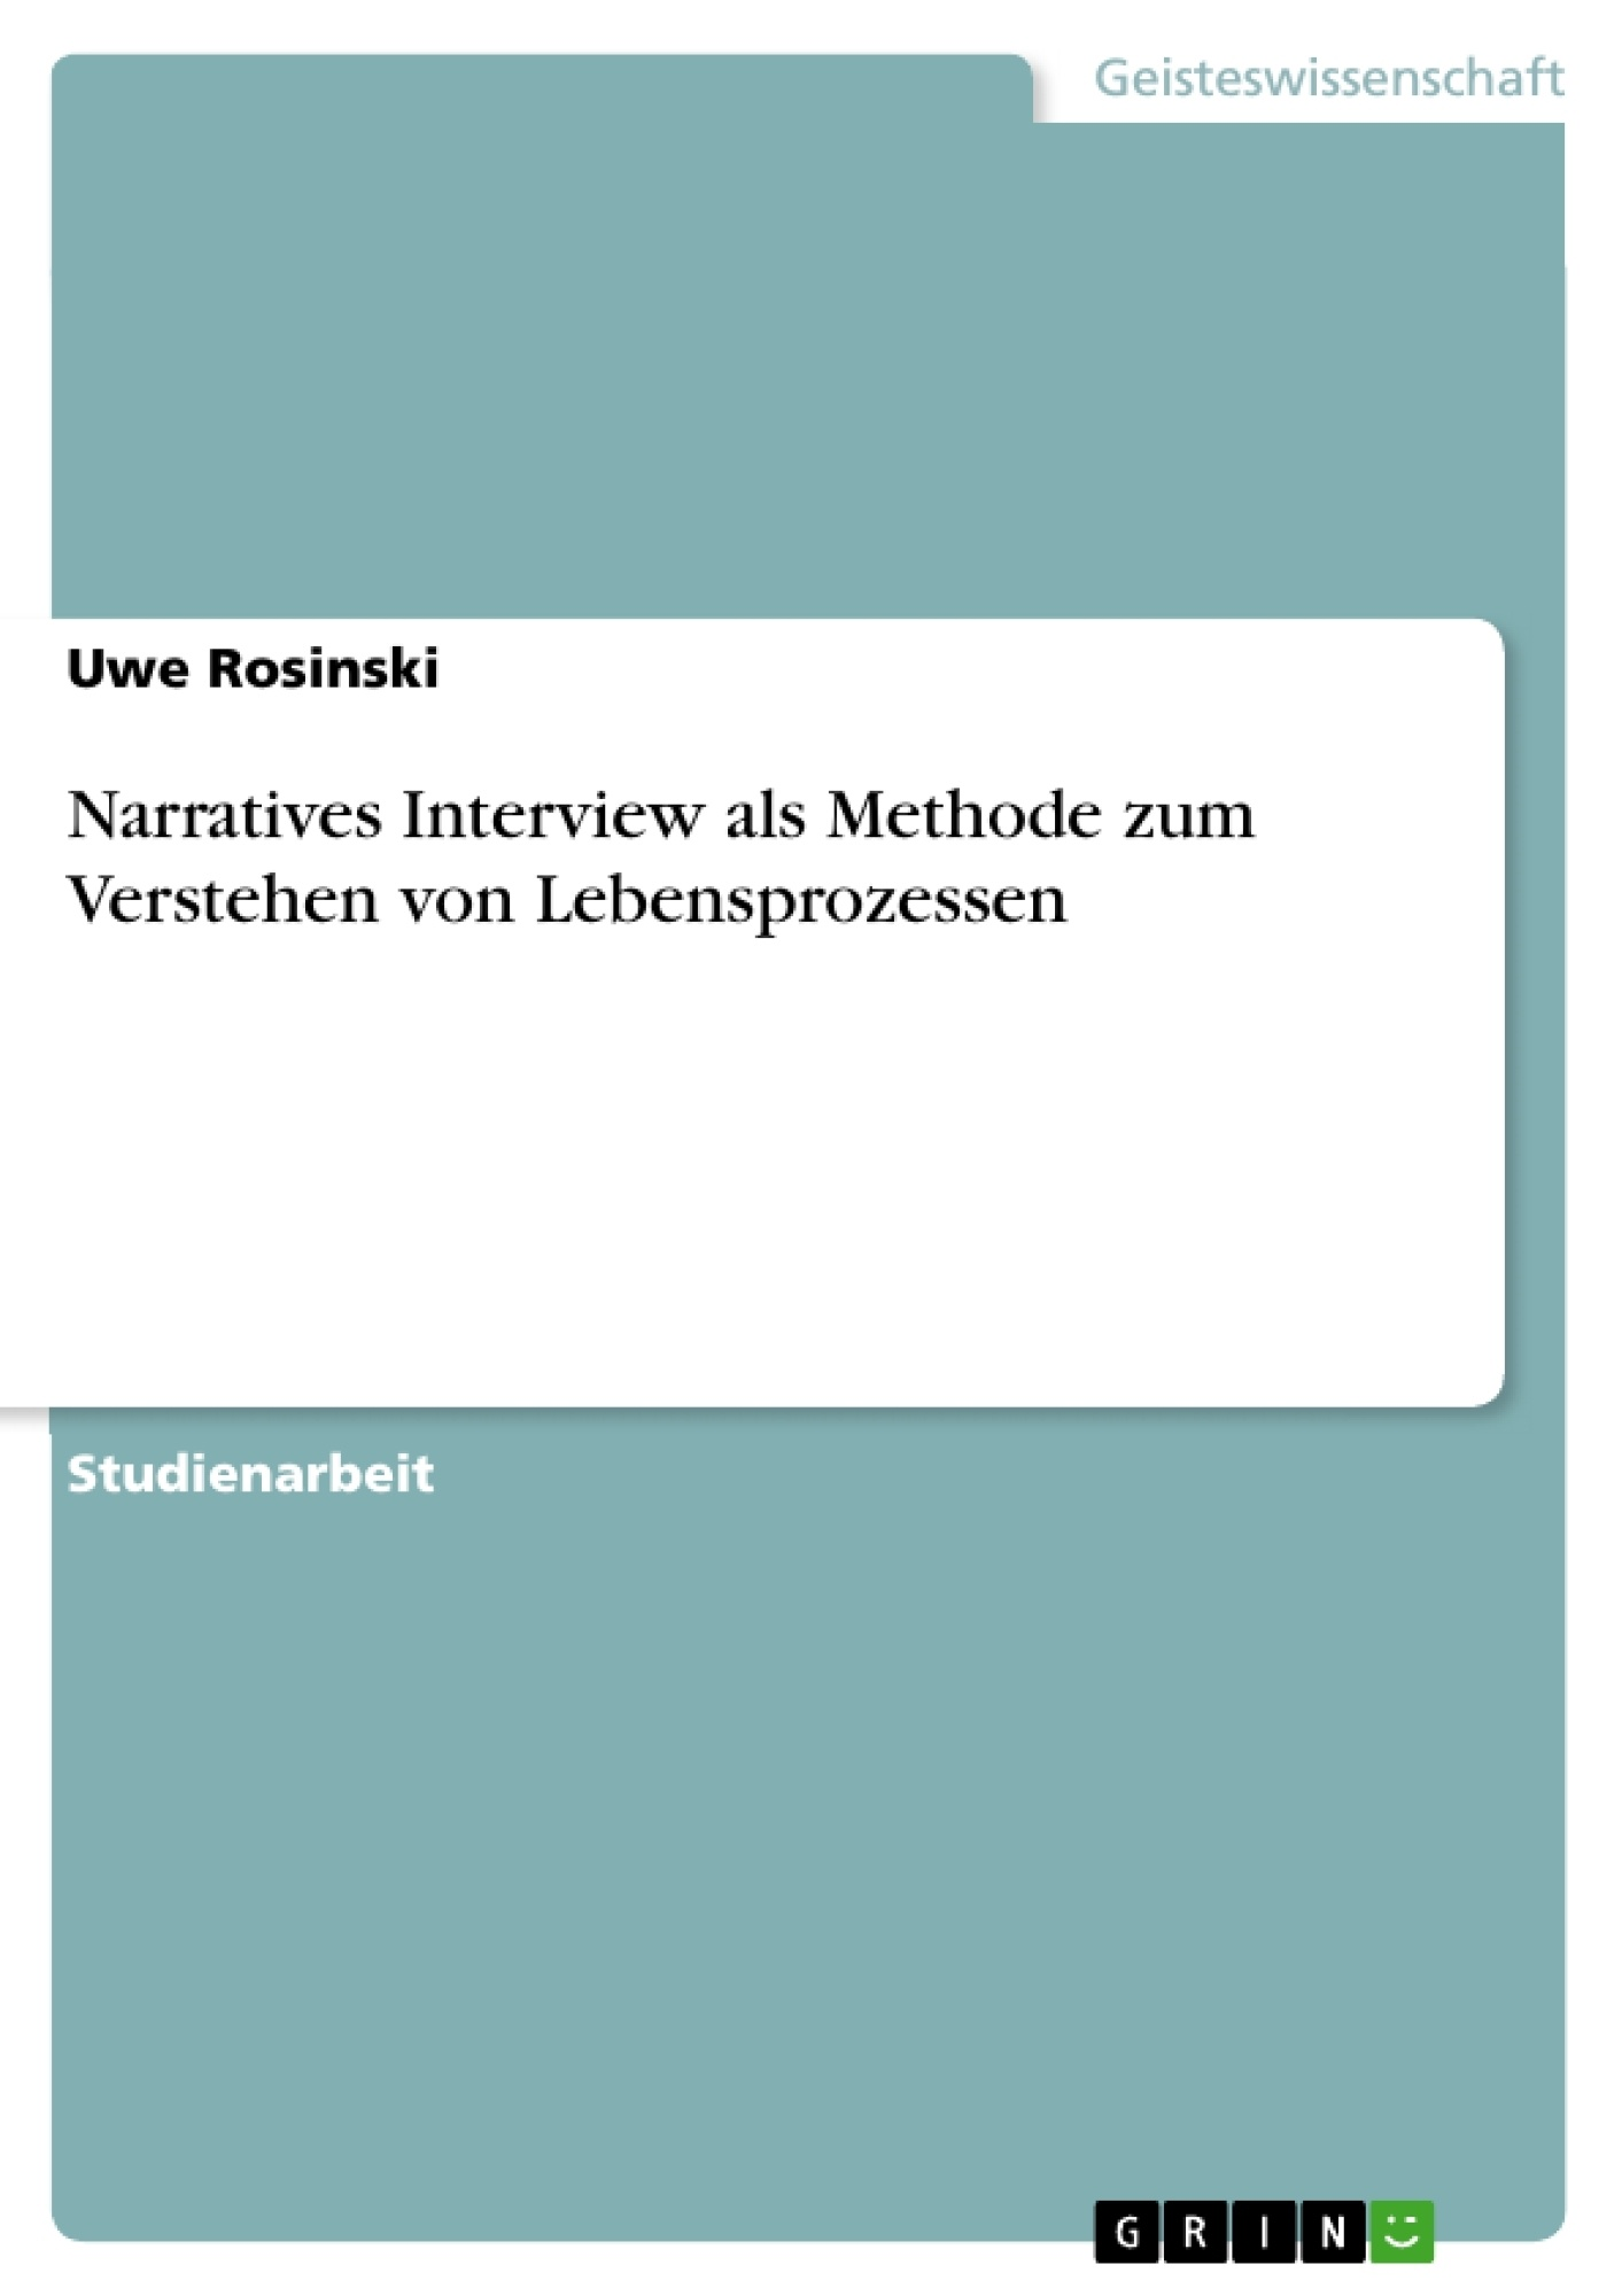 Titel: Narratives Interview als Methode zum Verstehen von Lebensprozessen